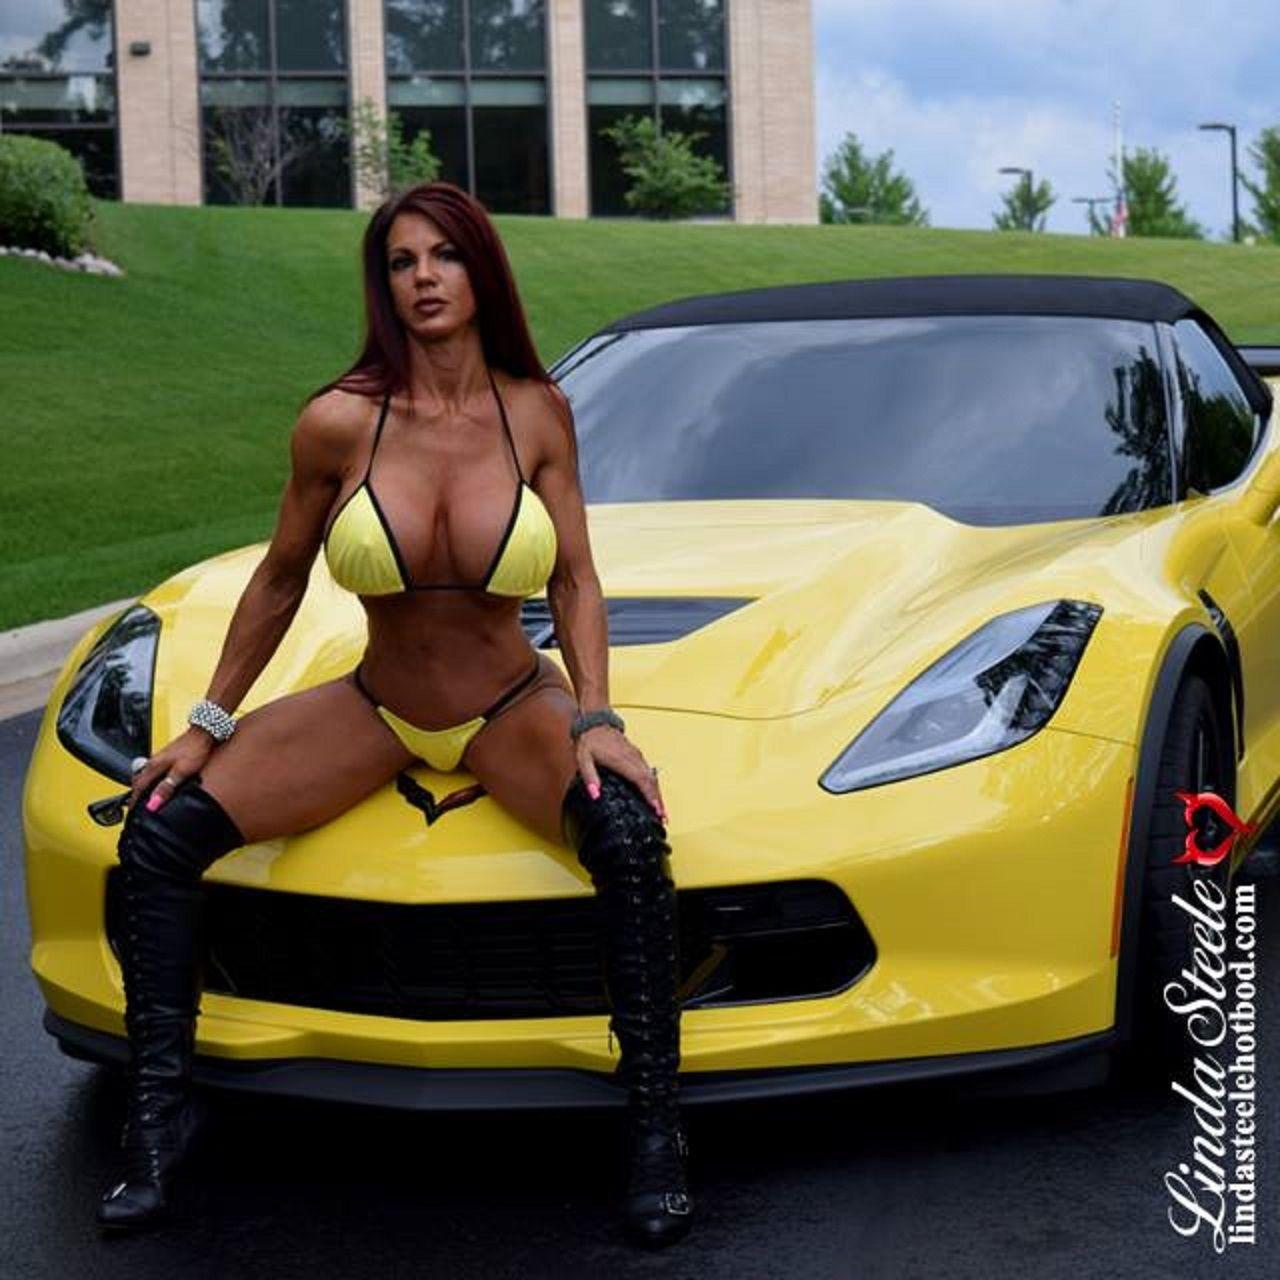 Paparazzi Swimsuit Barbara Steele  naked (67 photo), Facebook, cameltoe